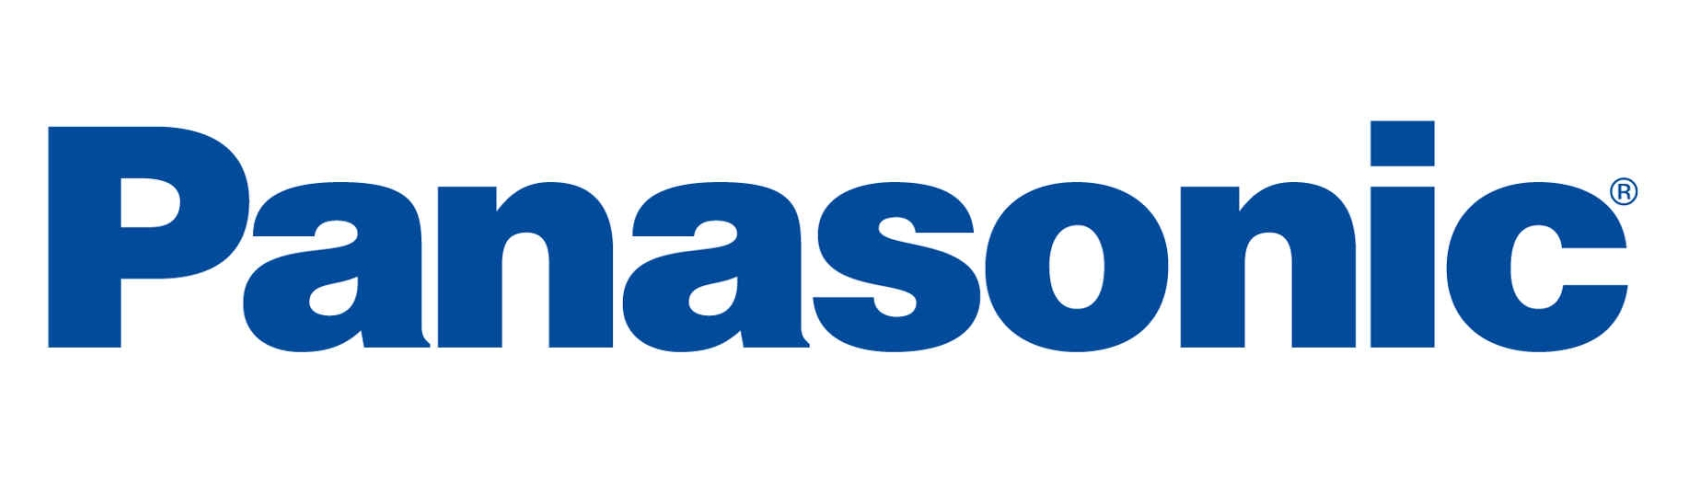 Baterias Panasonic